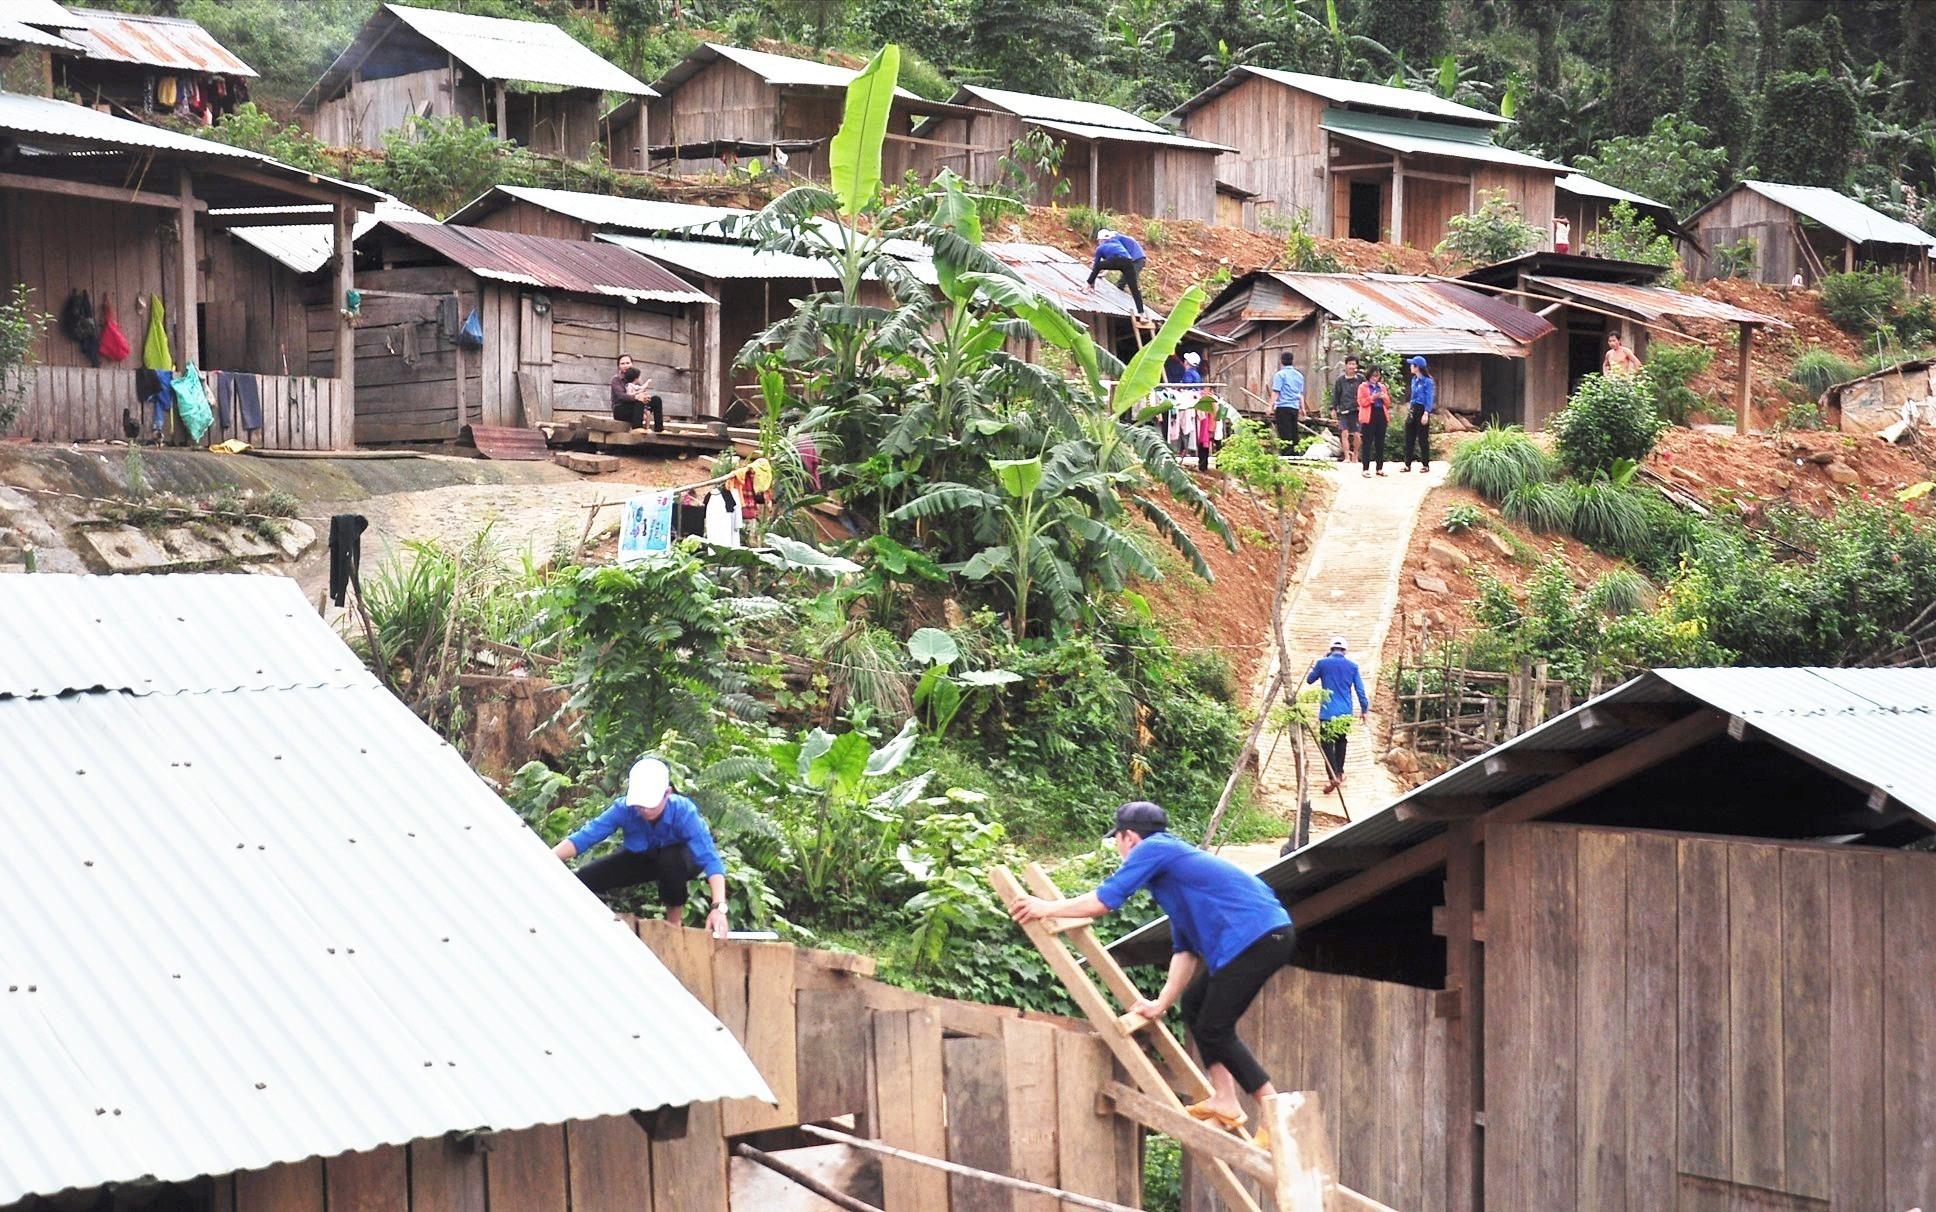 Lực lượng tình nguyện tiến hành sửa chữa lại các ngôi nhà ở làng Tắk Rối bị tốc mái sau cơn bão số 9. Ảnh: VINH ANH